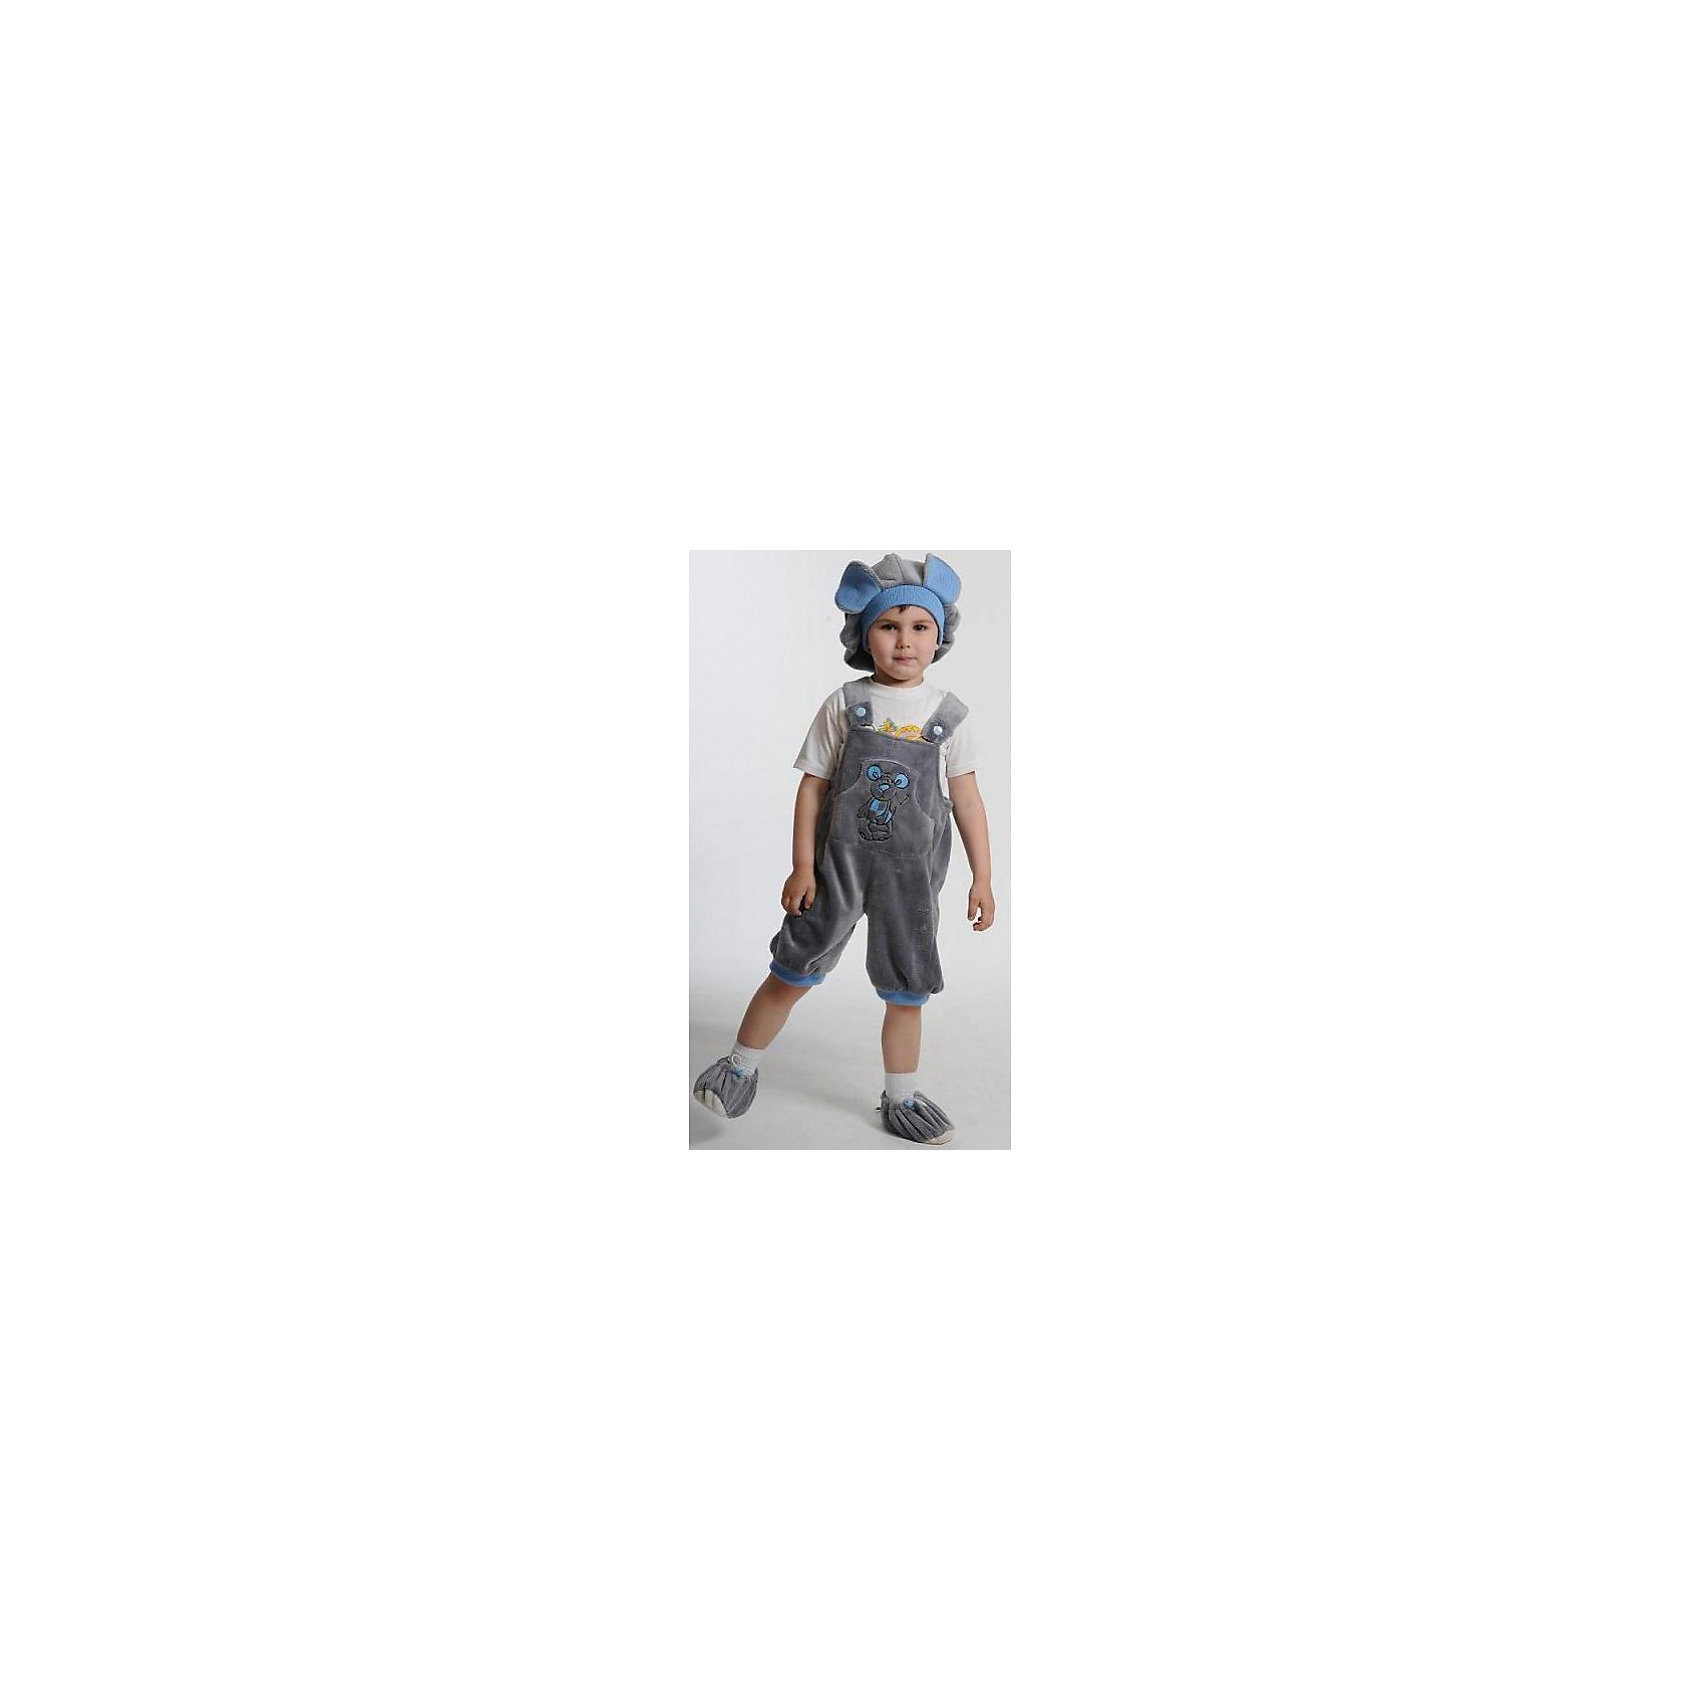 Карнавальный костюм Мышонок, БатикКарнавальные костюмы и аксессуары<br>Карнавальный костюм Мышонок, Батик<br><br>Характеристики:<br><br>• Материал:  плюш. <br>• Цвет: серый, голубой.<br>• В комплект входит: шапочка, пинетки, полукомбинезон.<br><br>Детский карнавальный костюм выполнен из качественной плюшевой ткани. В комплект этого наряда входит маленький милый серый полукомбинезон с голубыми пуговицами и манжетами по нижнему краю штанин. Полукомбинезон декорирован вышивкой в виде забавного мышонка. Серая шапочка с голубыми ушками и серенькие пинеточки завершают образ Мышонка. В таком карнавальном костюме «Мышонок» ваш мальчик получит максимальное удовольствие от праздника и подарит радость окружающим!.<br><br>Карнавальный костюм Мышонок, Батик, можно купить в нашем интернет- магазине!<br><br>Ширина мм: 500<br>Глубина мм: 50<br>Высота мм: 700<br>Вес г: 600<br>Цвет: белый<br>Возраст от месяцев: 36<br>Возраст до месяцев: 48<br>Пол: Мужской<br>Возраст: Детский<br>Размер: 26<br>SKU: 5092511